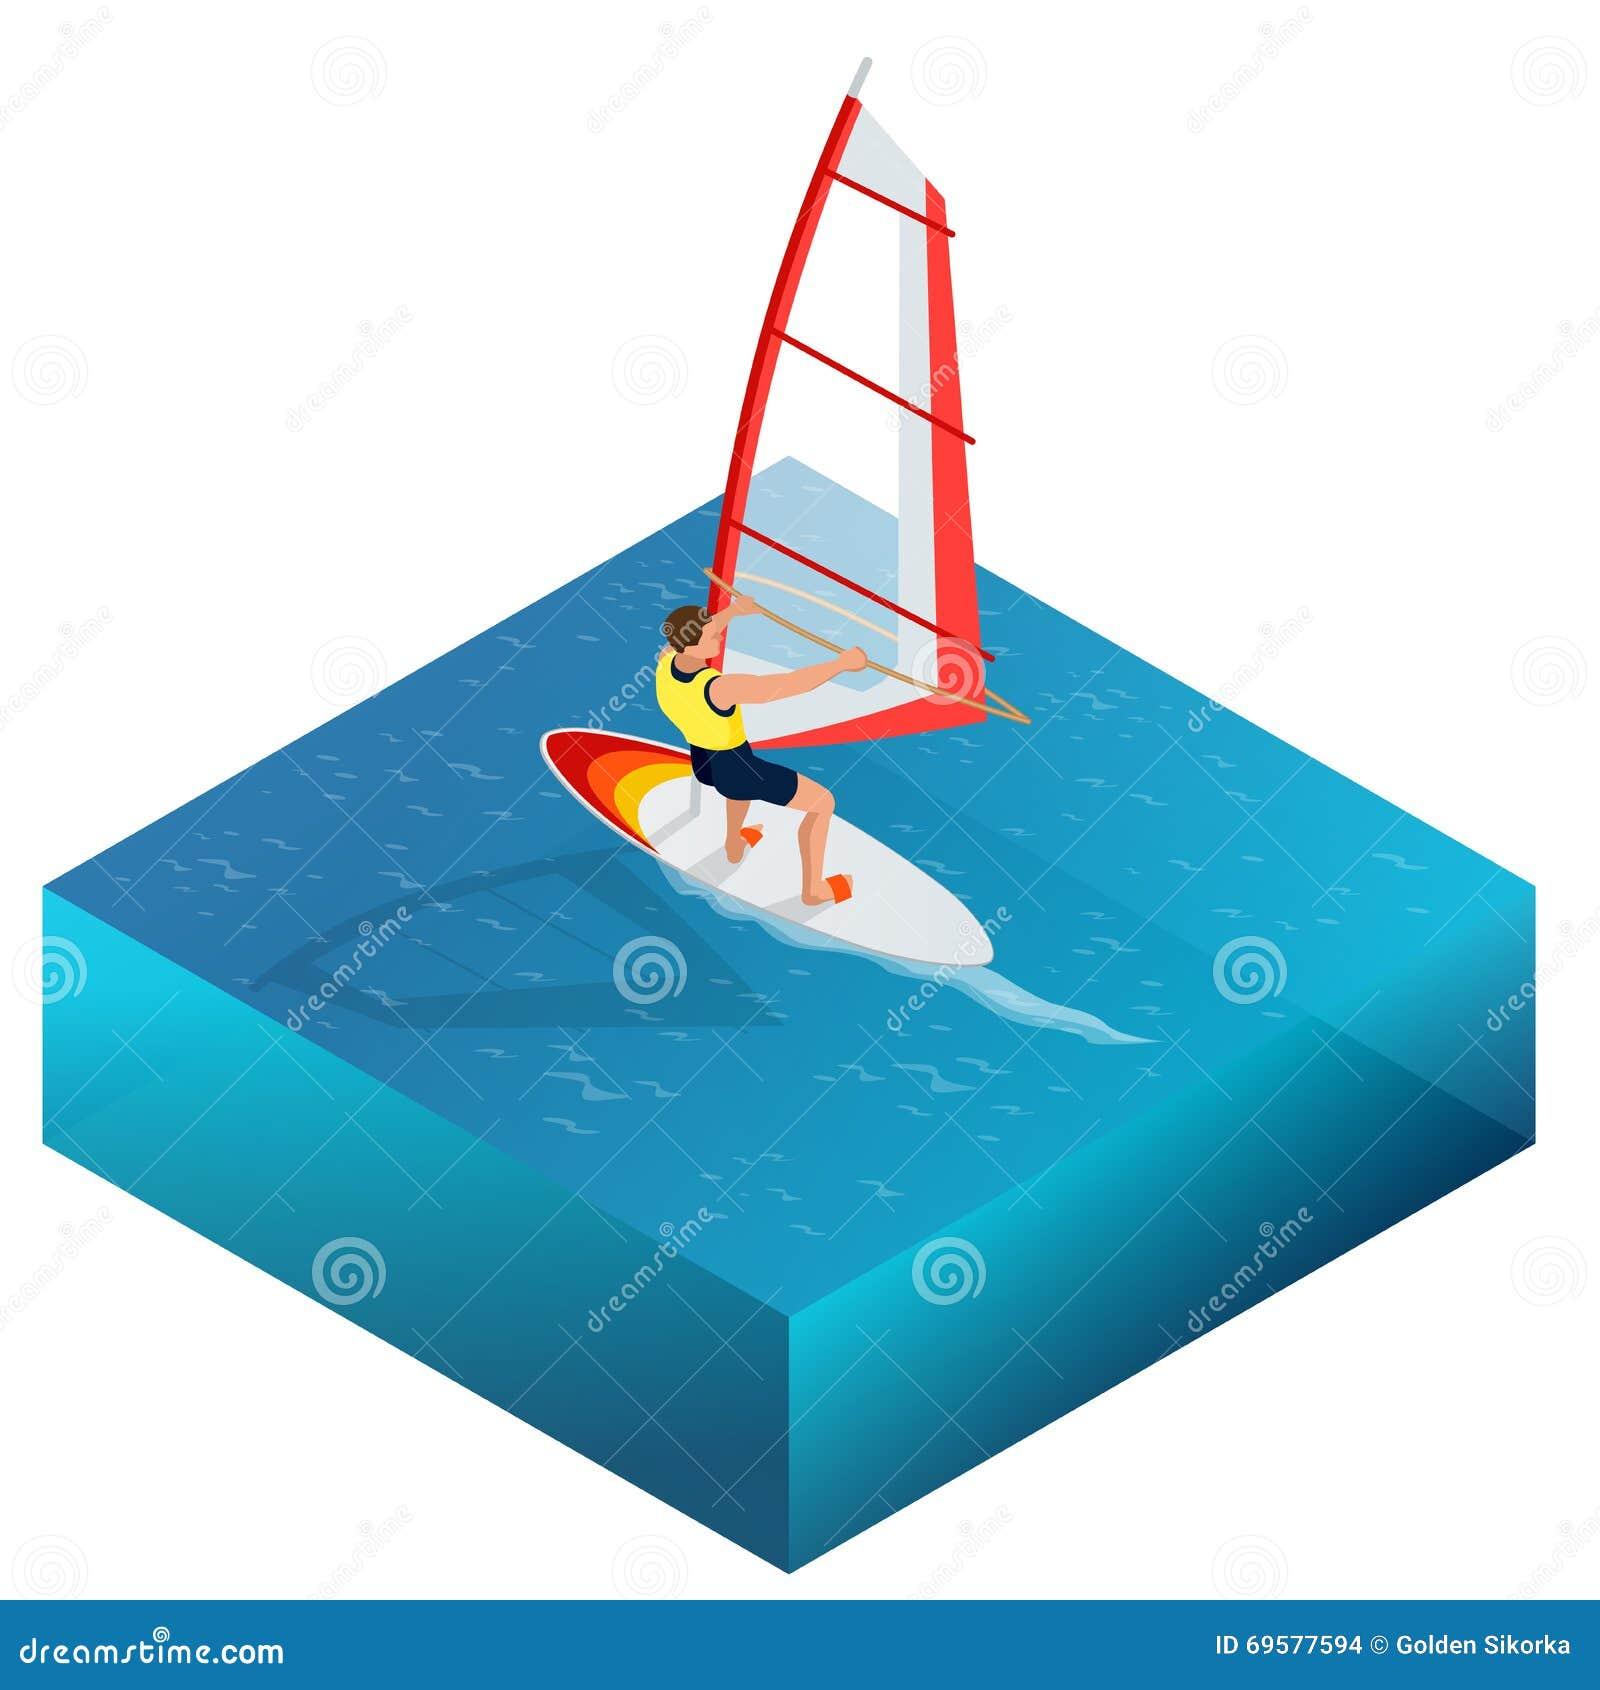 Windsurf, divertimento nell oceano, sport estremo, icona di windsurf, illustrazione isometrica di vettore piano 3d di windsurf